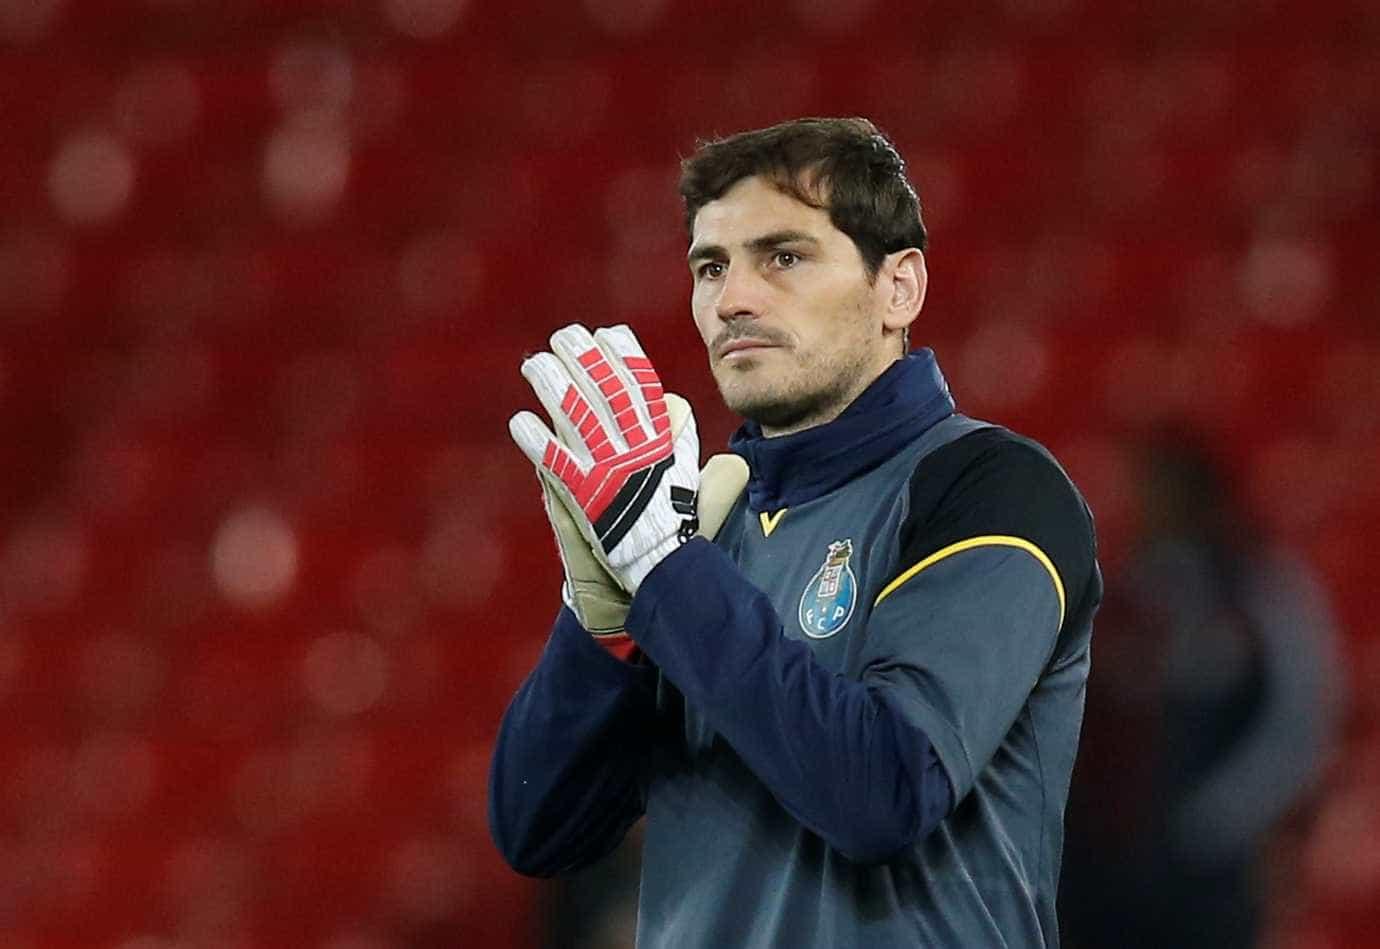 Aos 36 anos, Iker Casillas renova contrato com o Porto